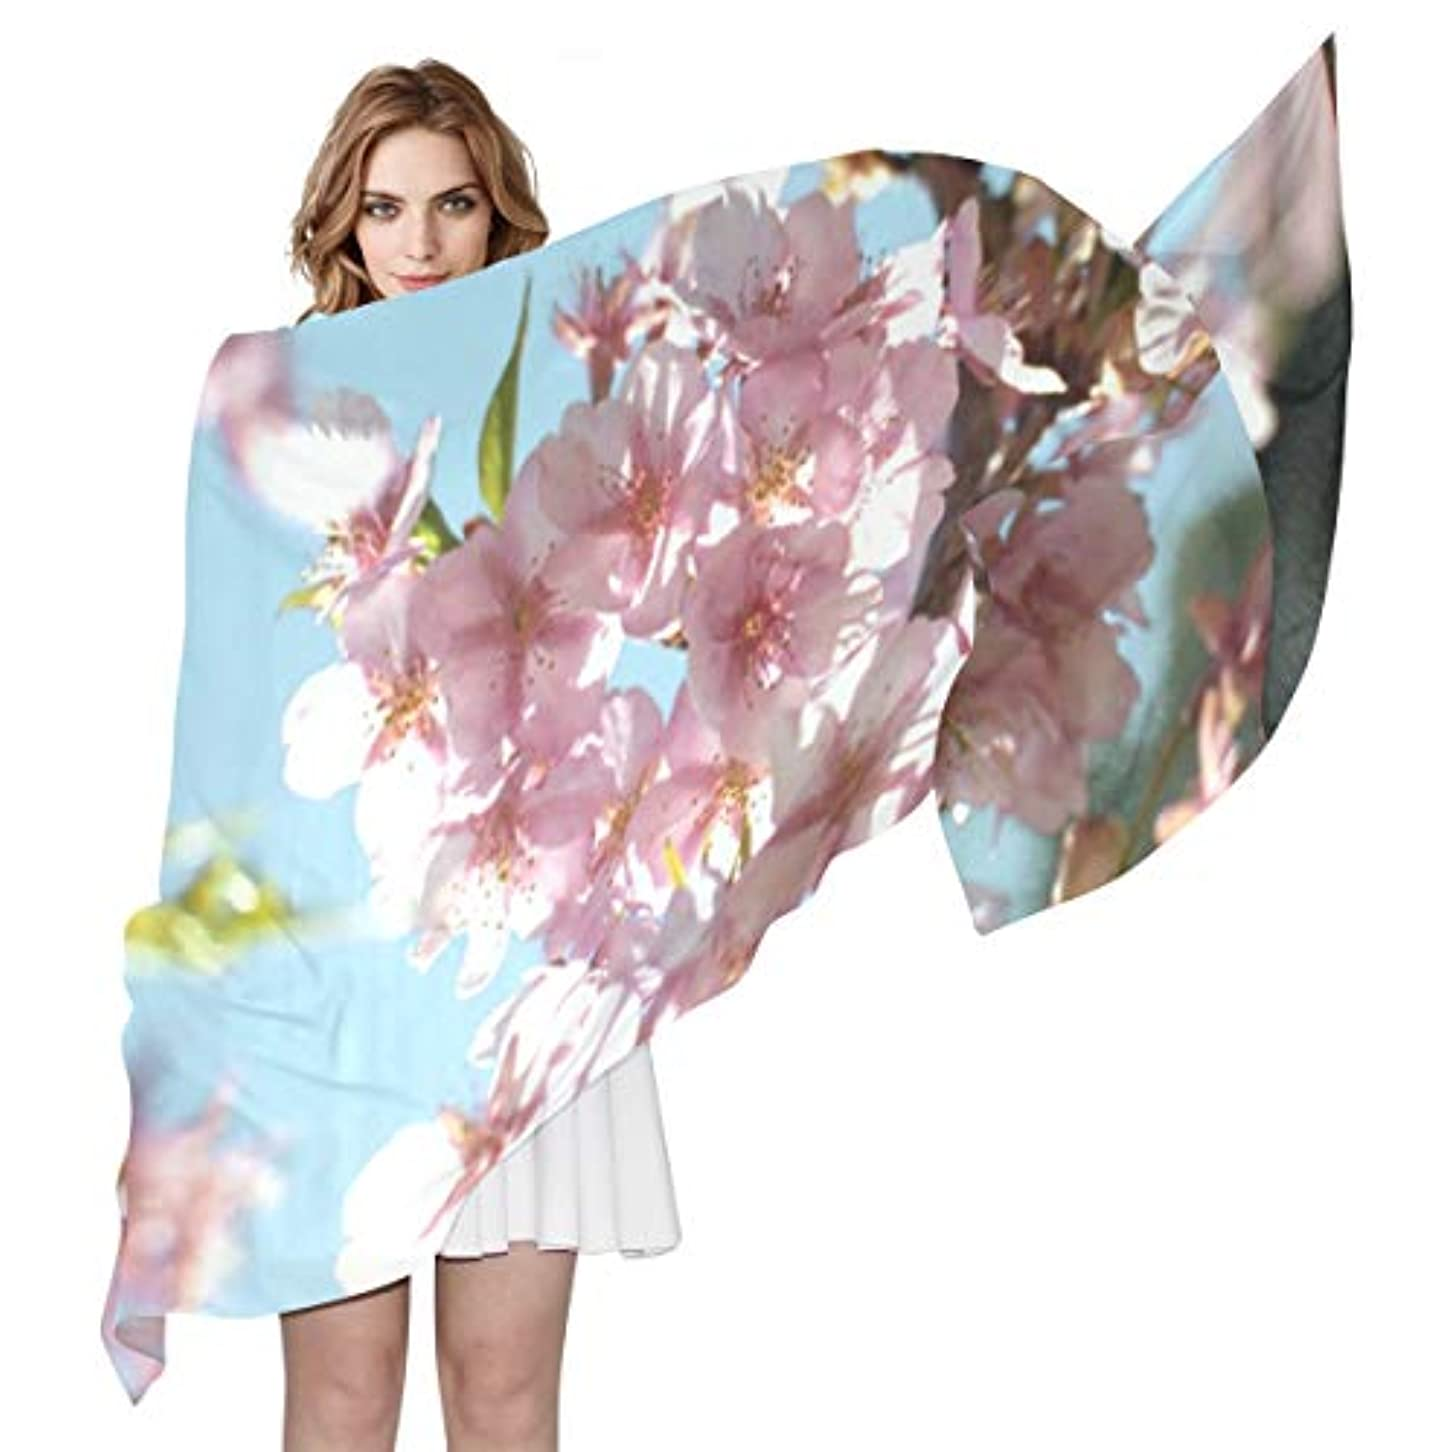 パドル深さ安定ユキオ(UKIO) 肌触り抜群 薄手 シフォンシルク ロング スカーフ ストール バンダナ おしゃれ かわいい 桜彼女 子供 贈り物 ギフト 母の日 誕生日 プレゼント レディース バレンタインデー かわいい